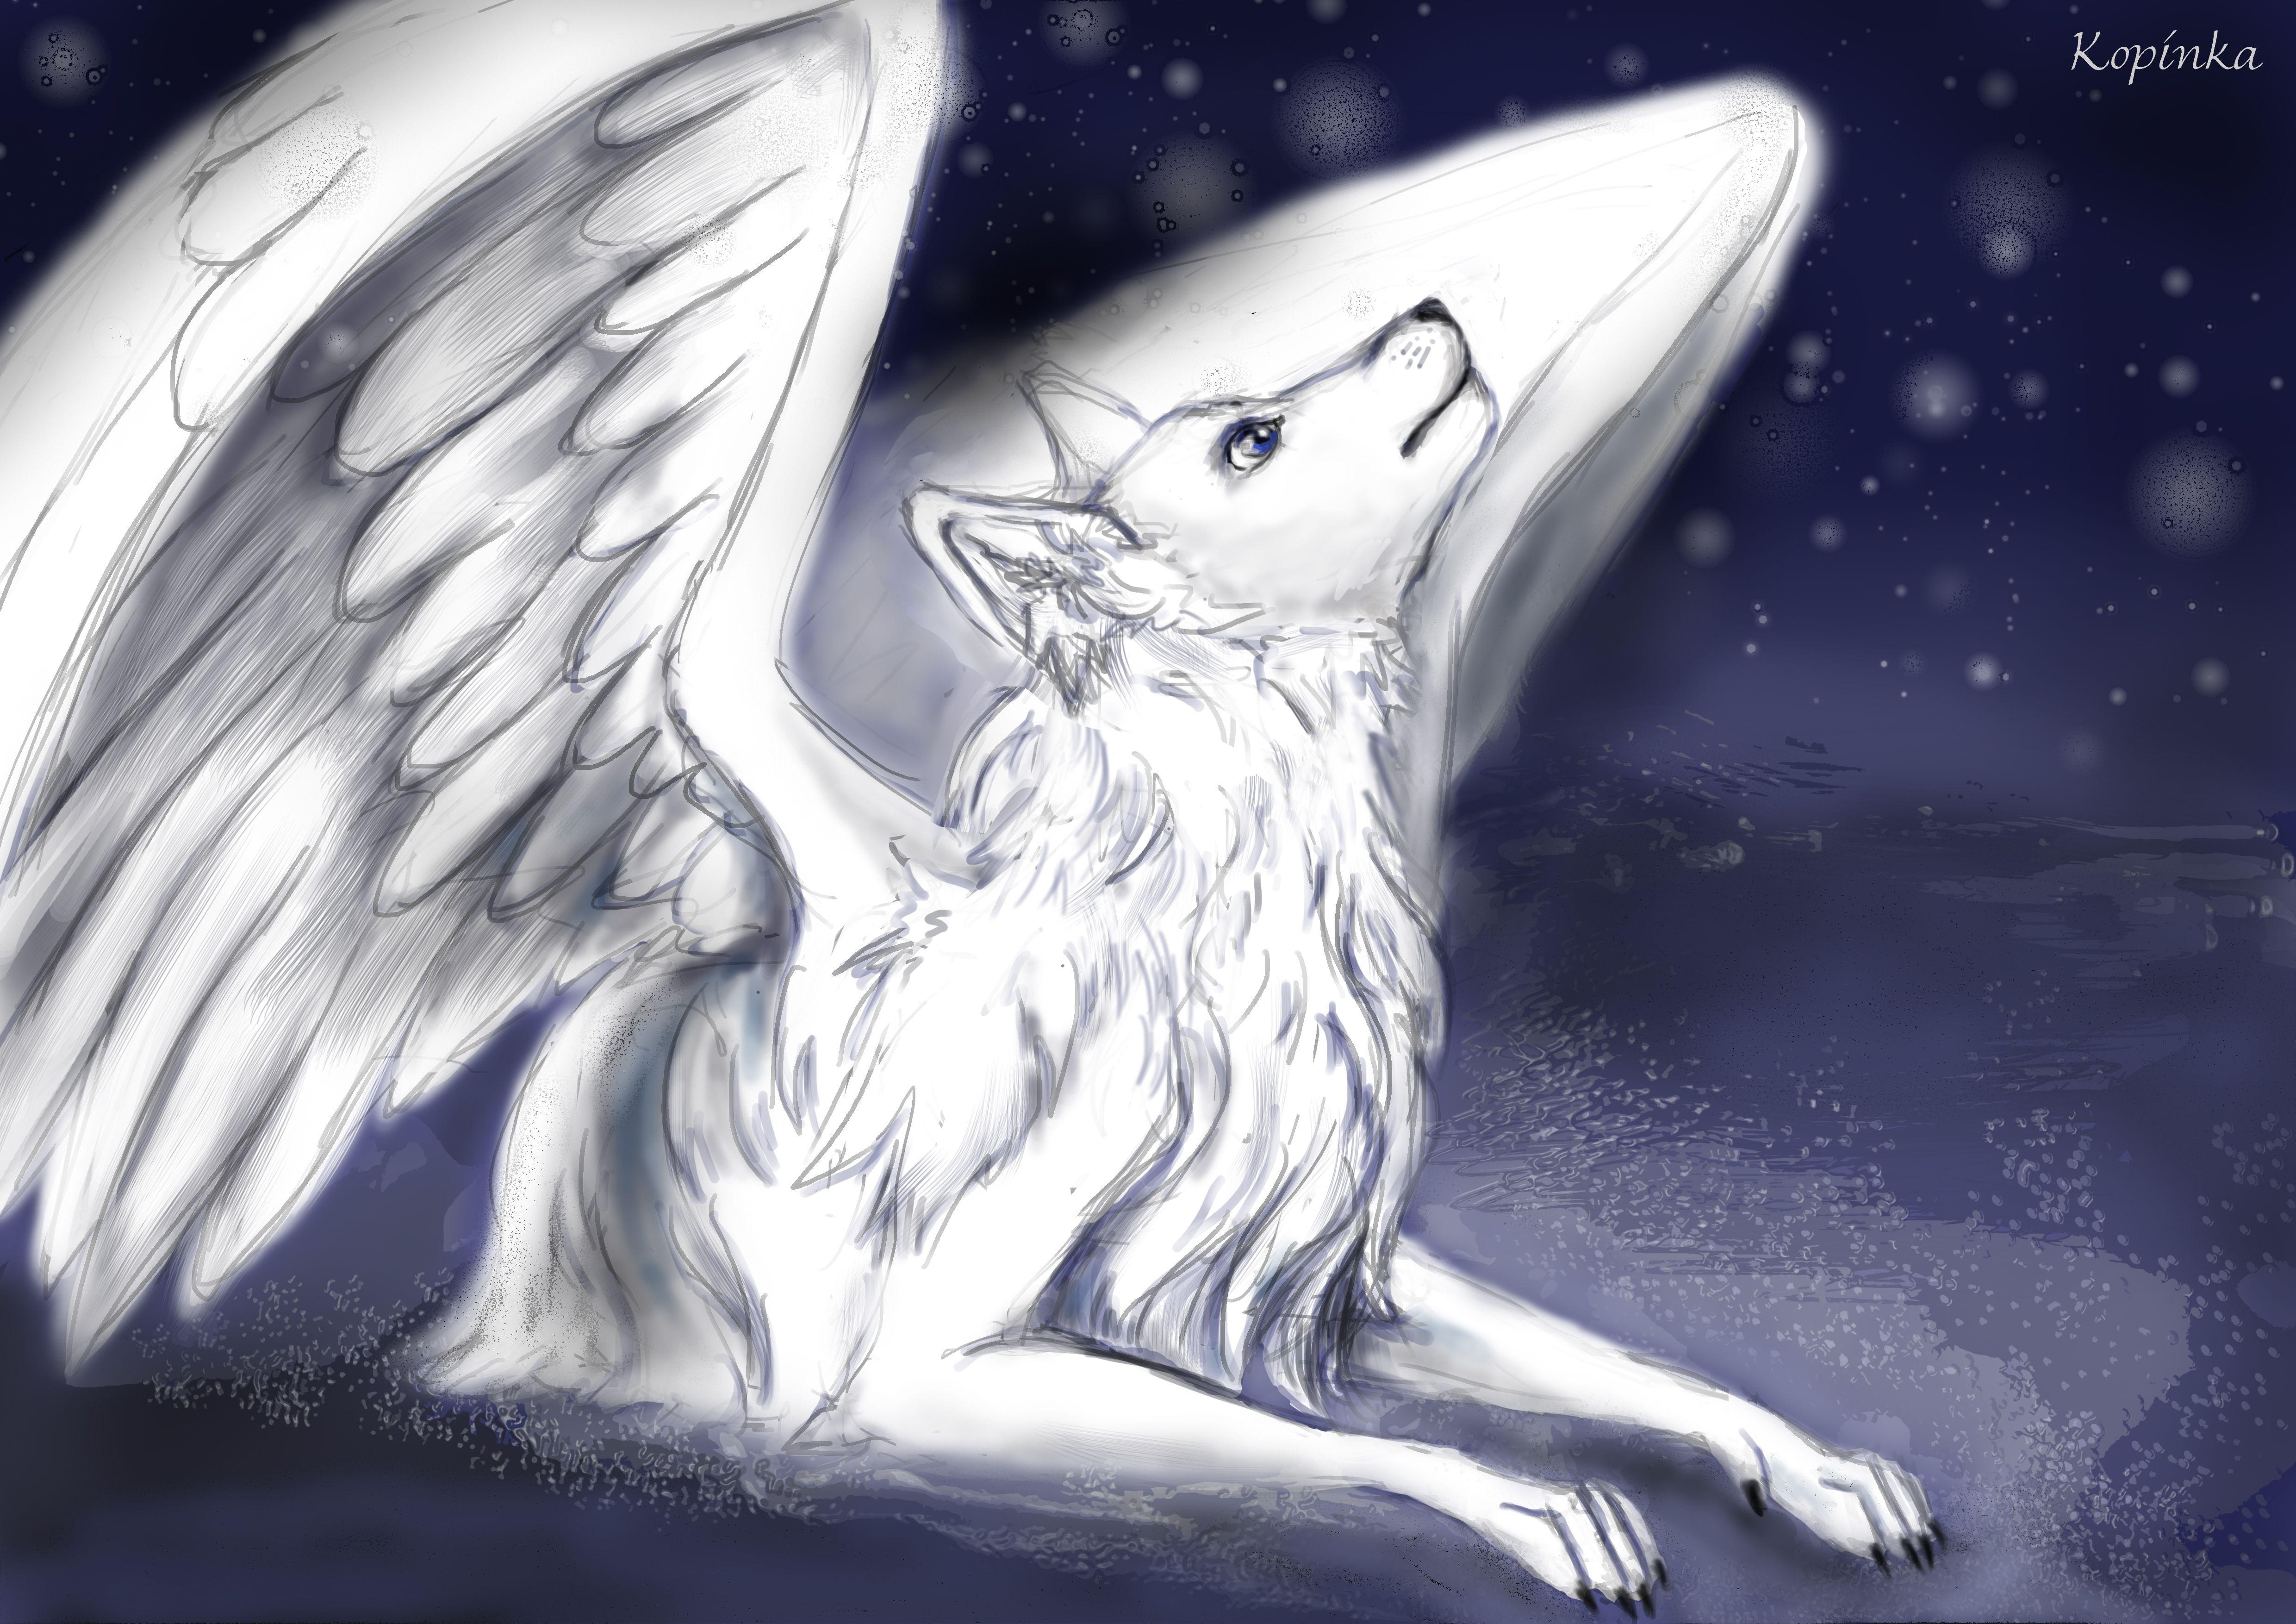 волк белый ангел картинка туника крючком связана